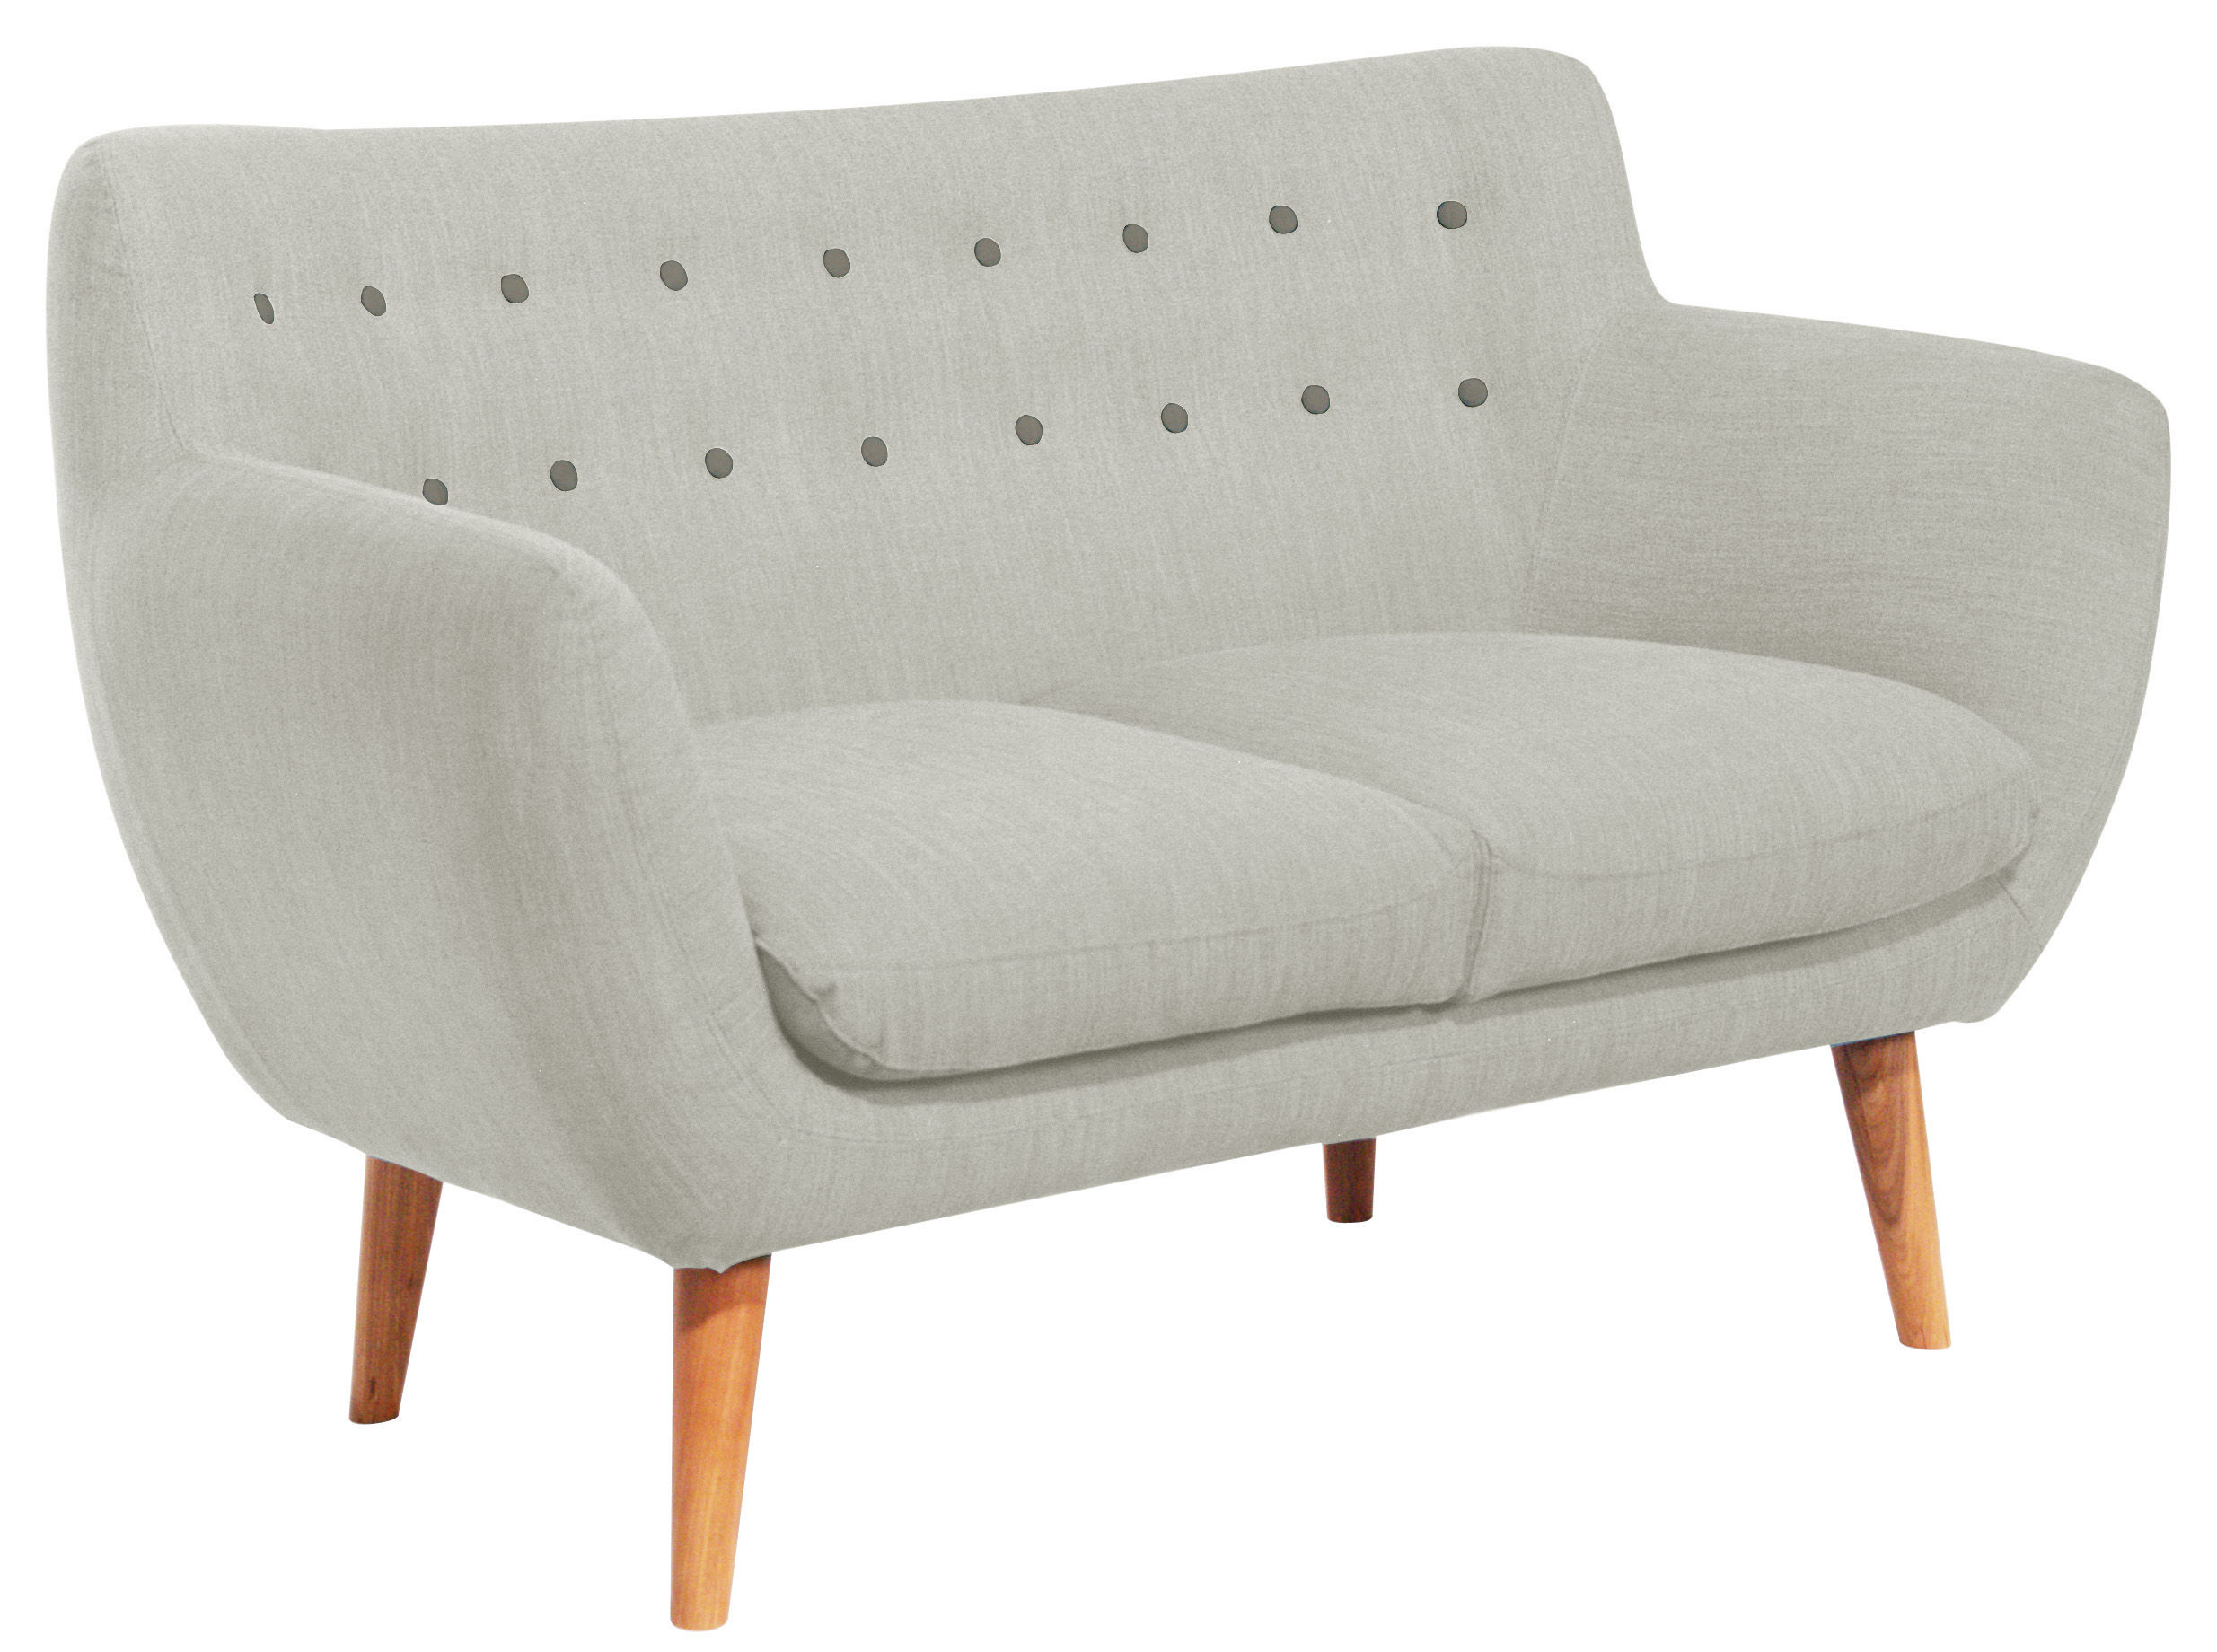 canap droit coogee 2 places l 132 cm gris pierre boutons caf noir sentou edition. Black Bedroom Furniture Sets. Home Design Ideas